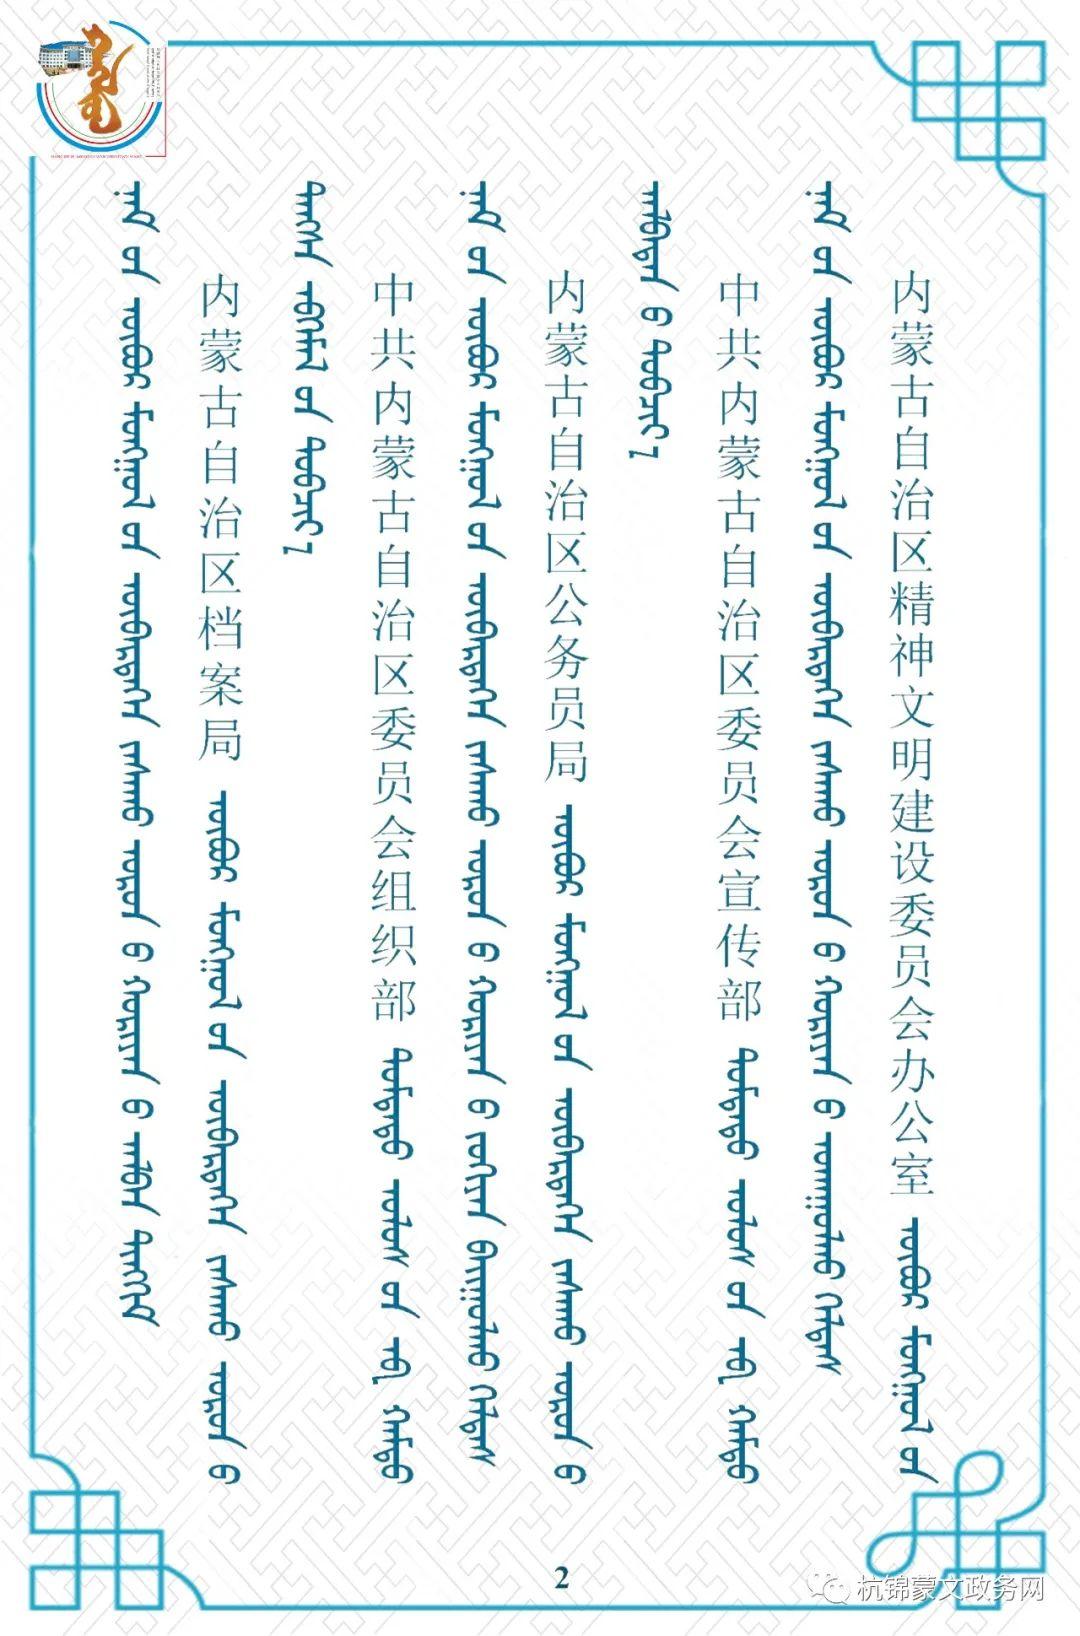 内蒙古自治区委员会机构设置蒙汉对照 第2张 内蒙古自治区委员会机构设置蒙汉对照 蒙古文库